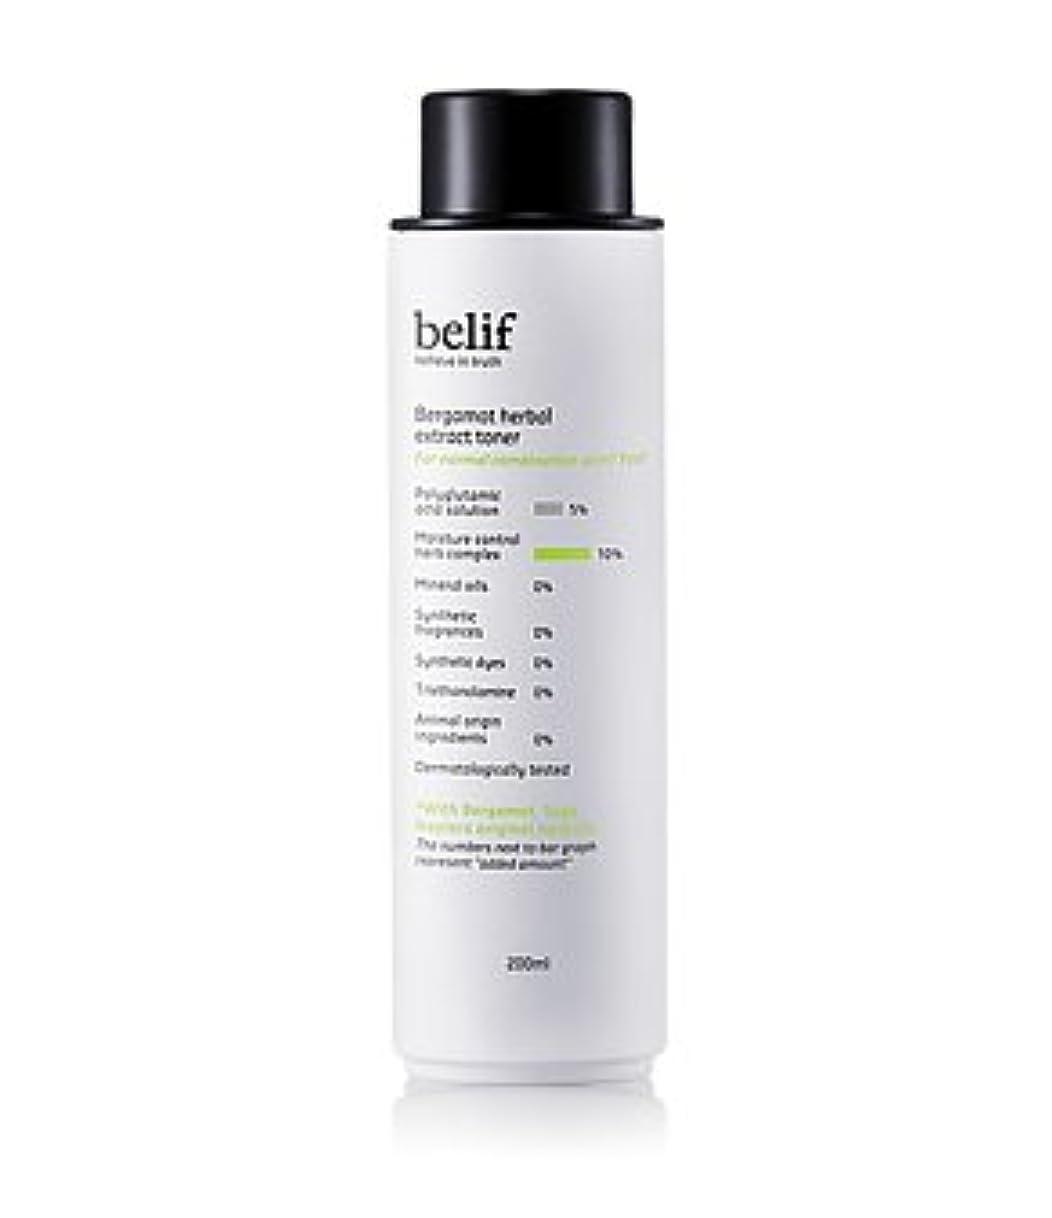 ガソリン完全に変装belf(ビリフ)ベルガモット ハーバル エキストラクト トナー(Bergamot herbal extract toner)200ml